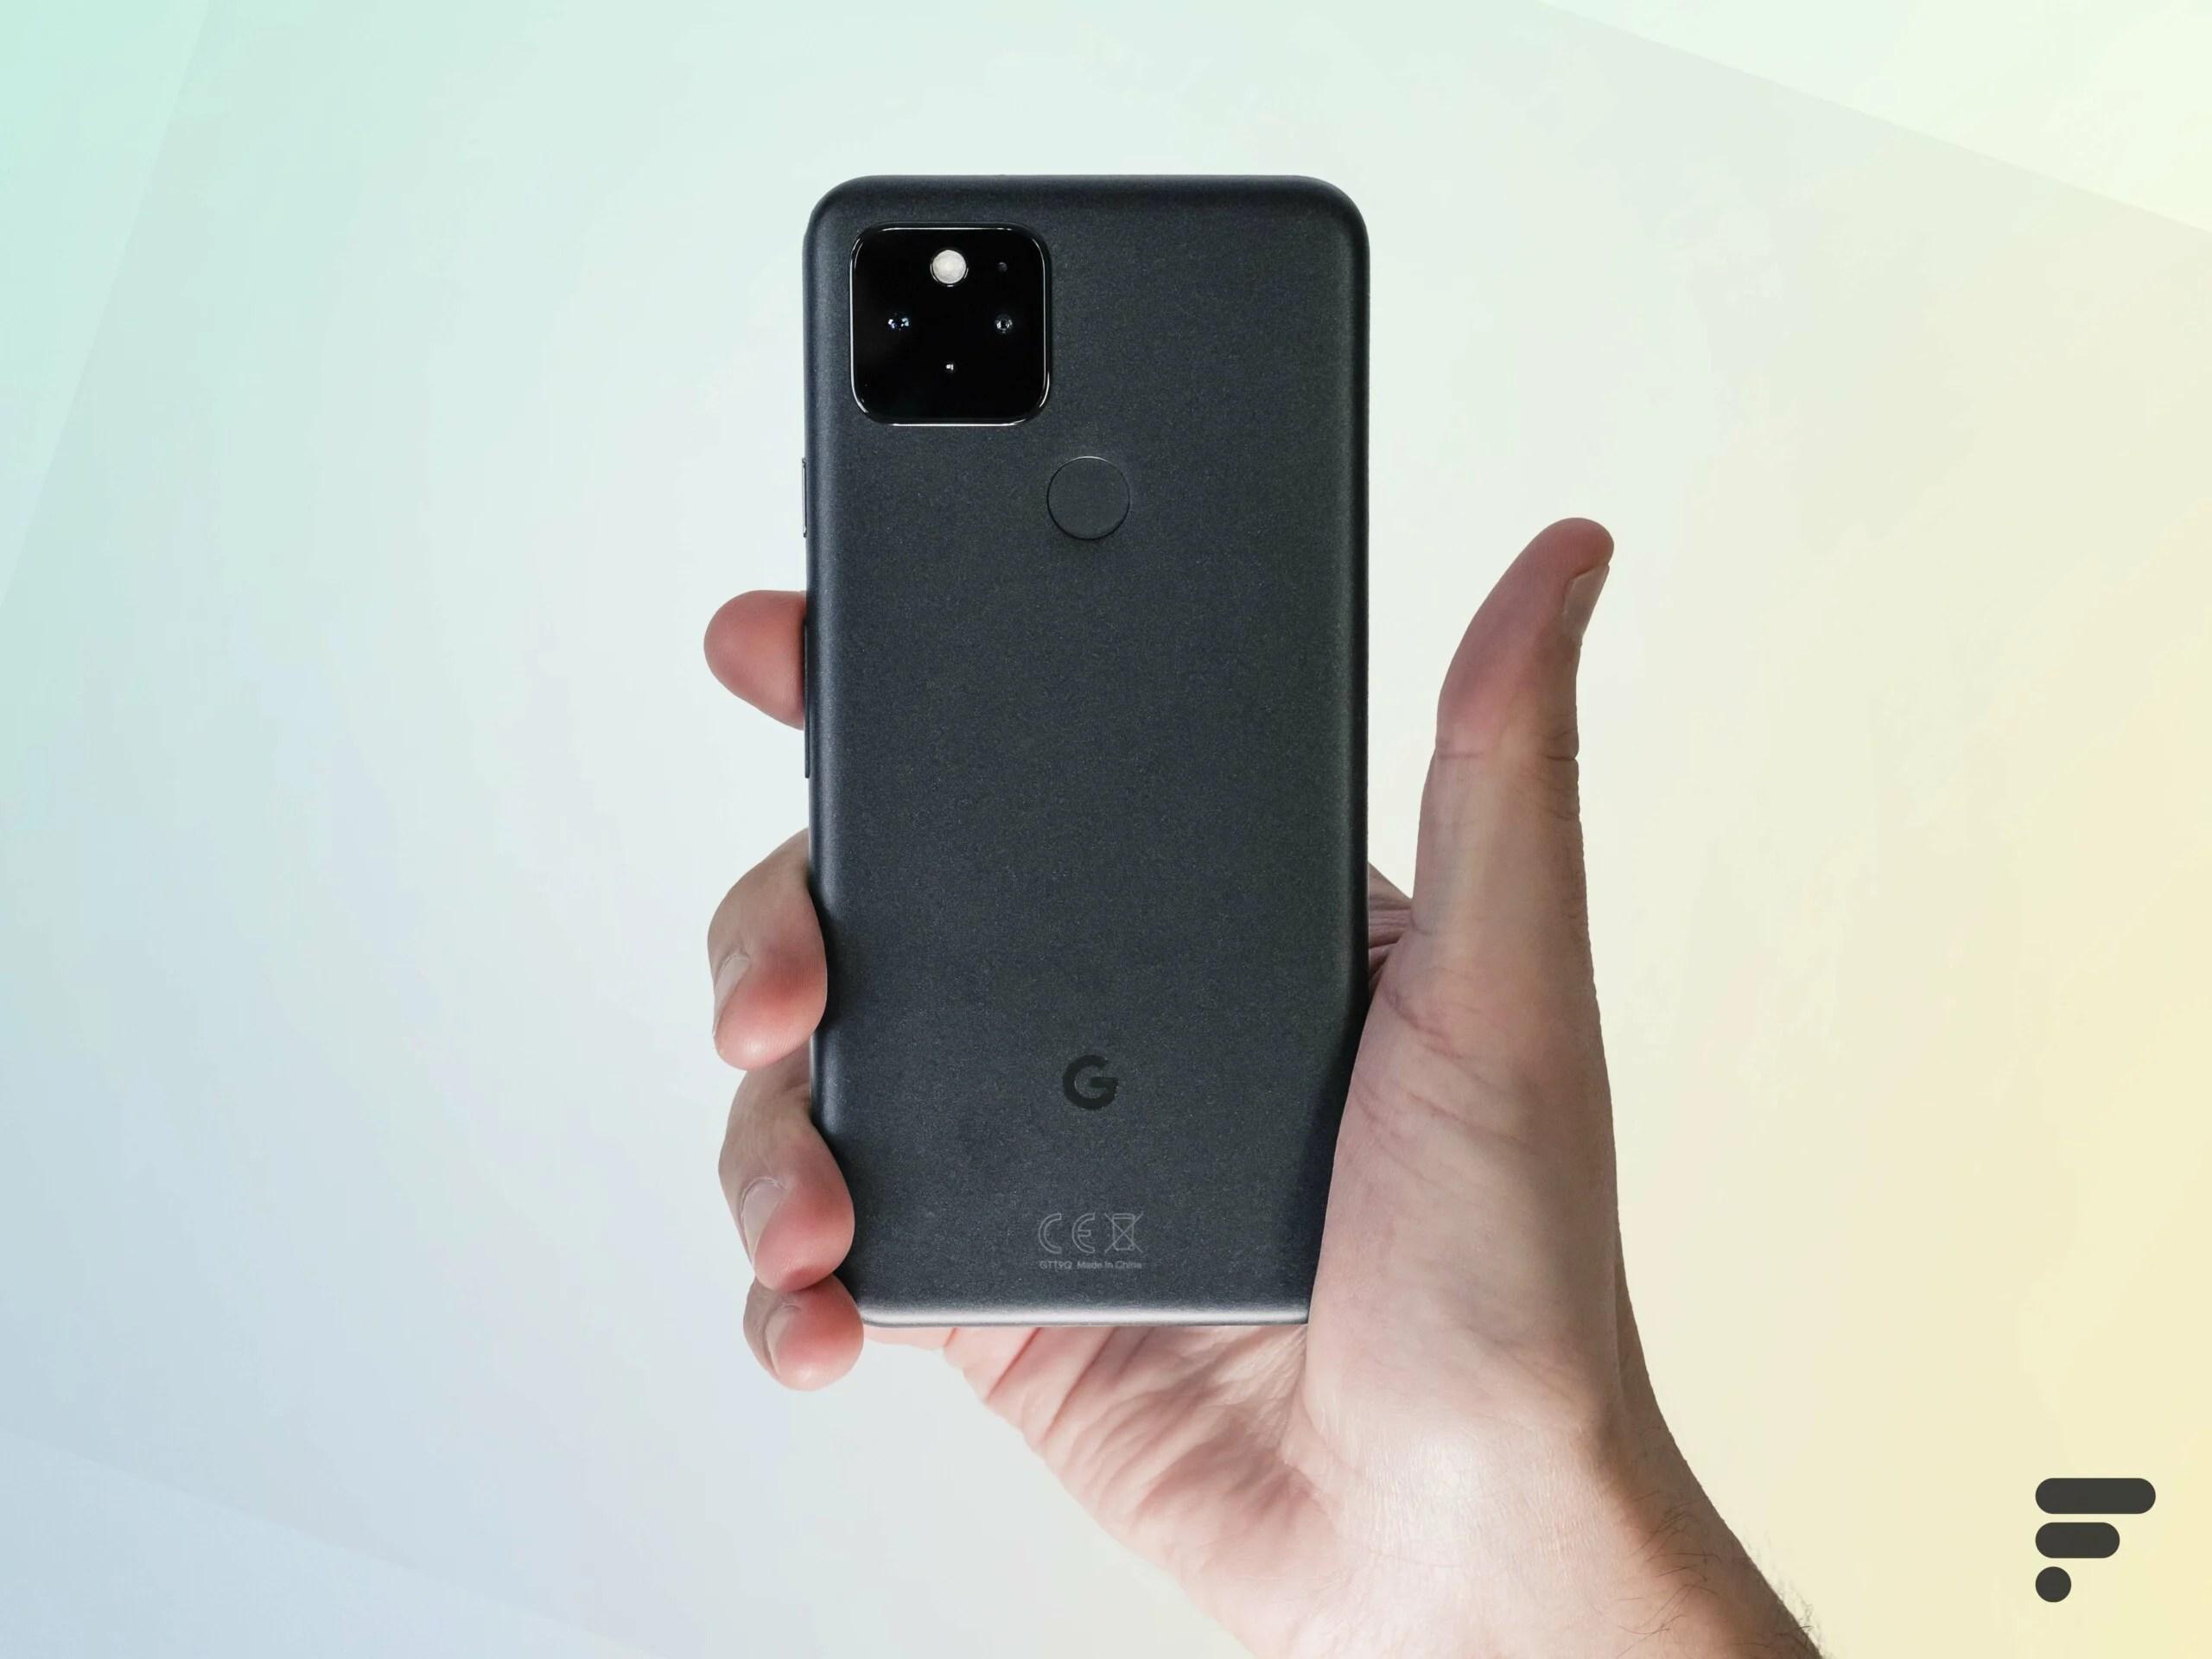 iPhone 12 mini et Google Pixel 5: vous croyez dur comme fer au retour des smartphones compacts